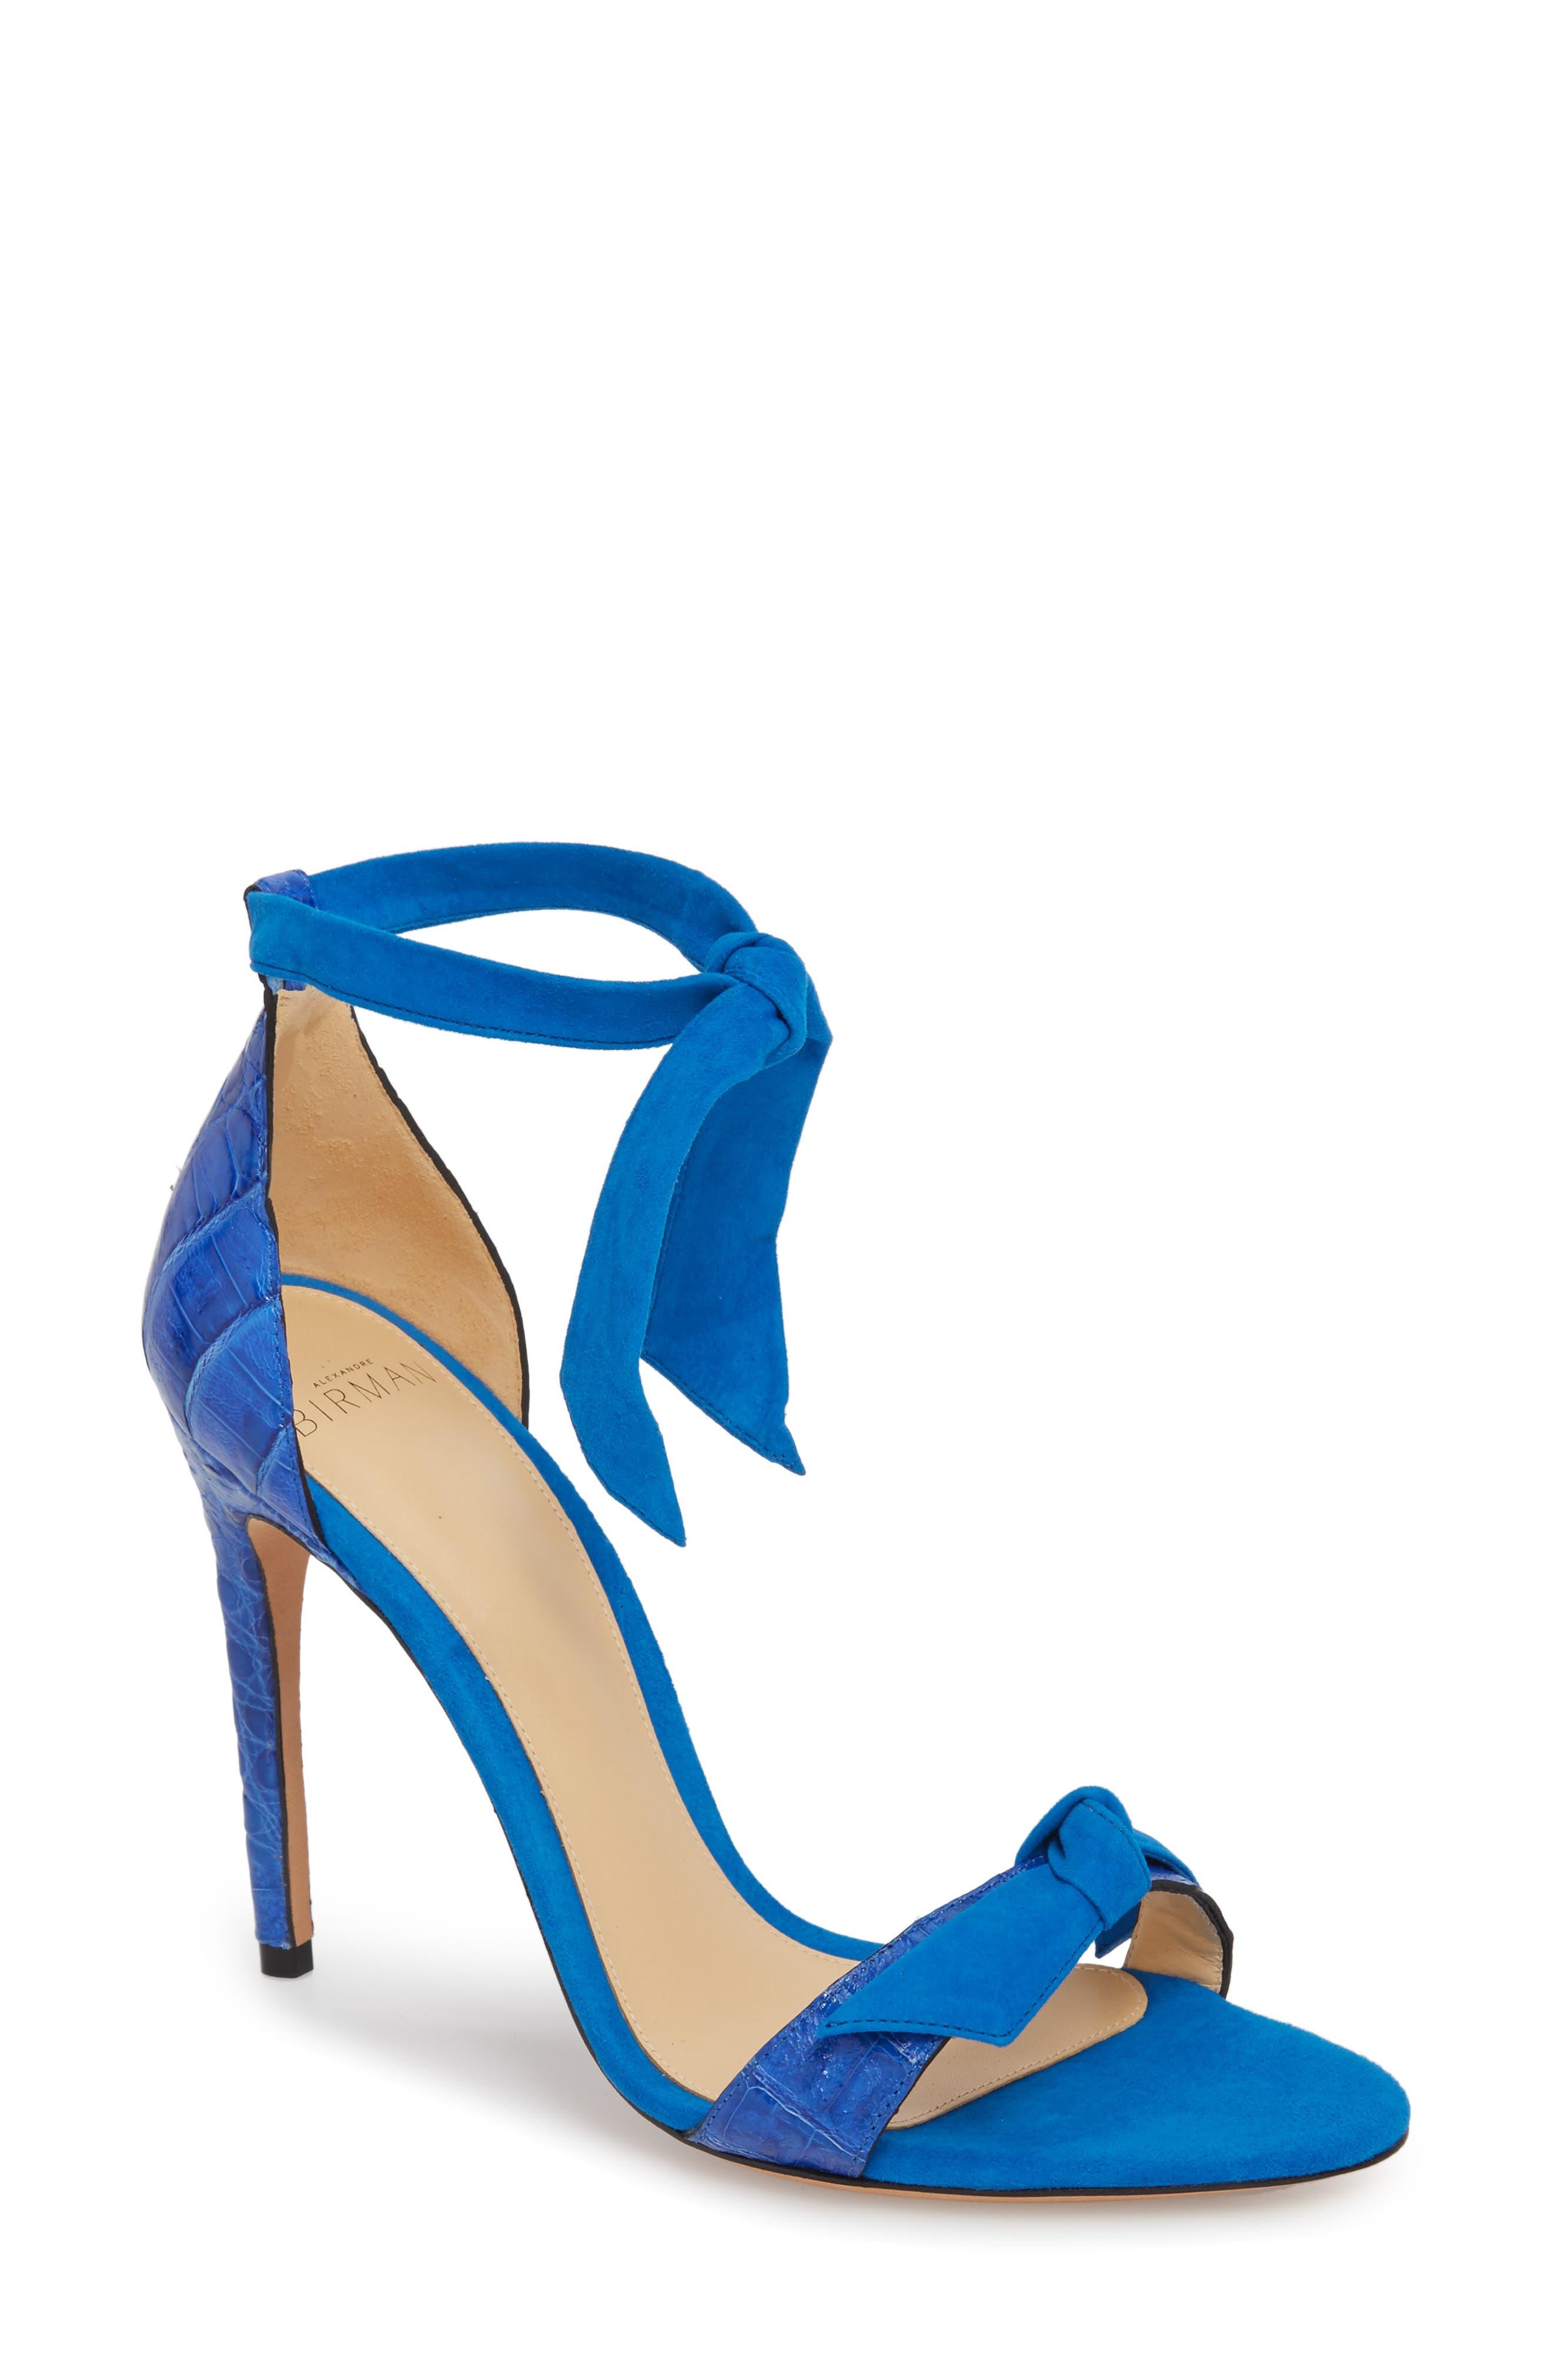 Clarita Knot Sandal,                         Main,                         color, Topazio/ Saphire